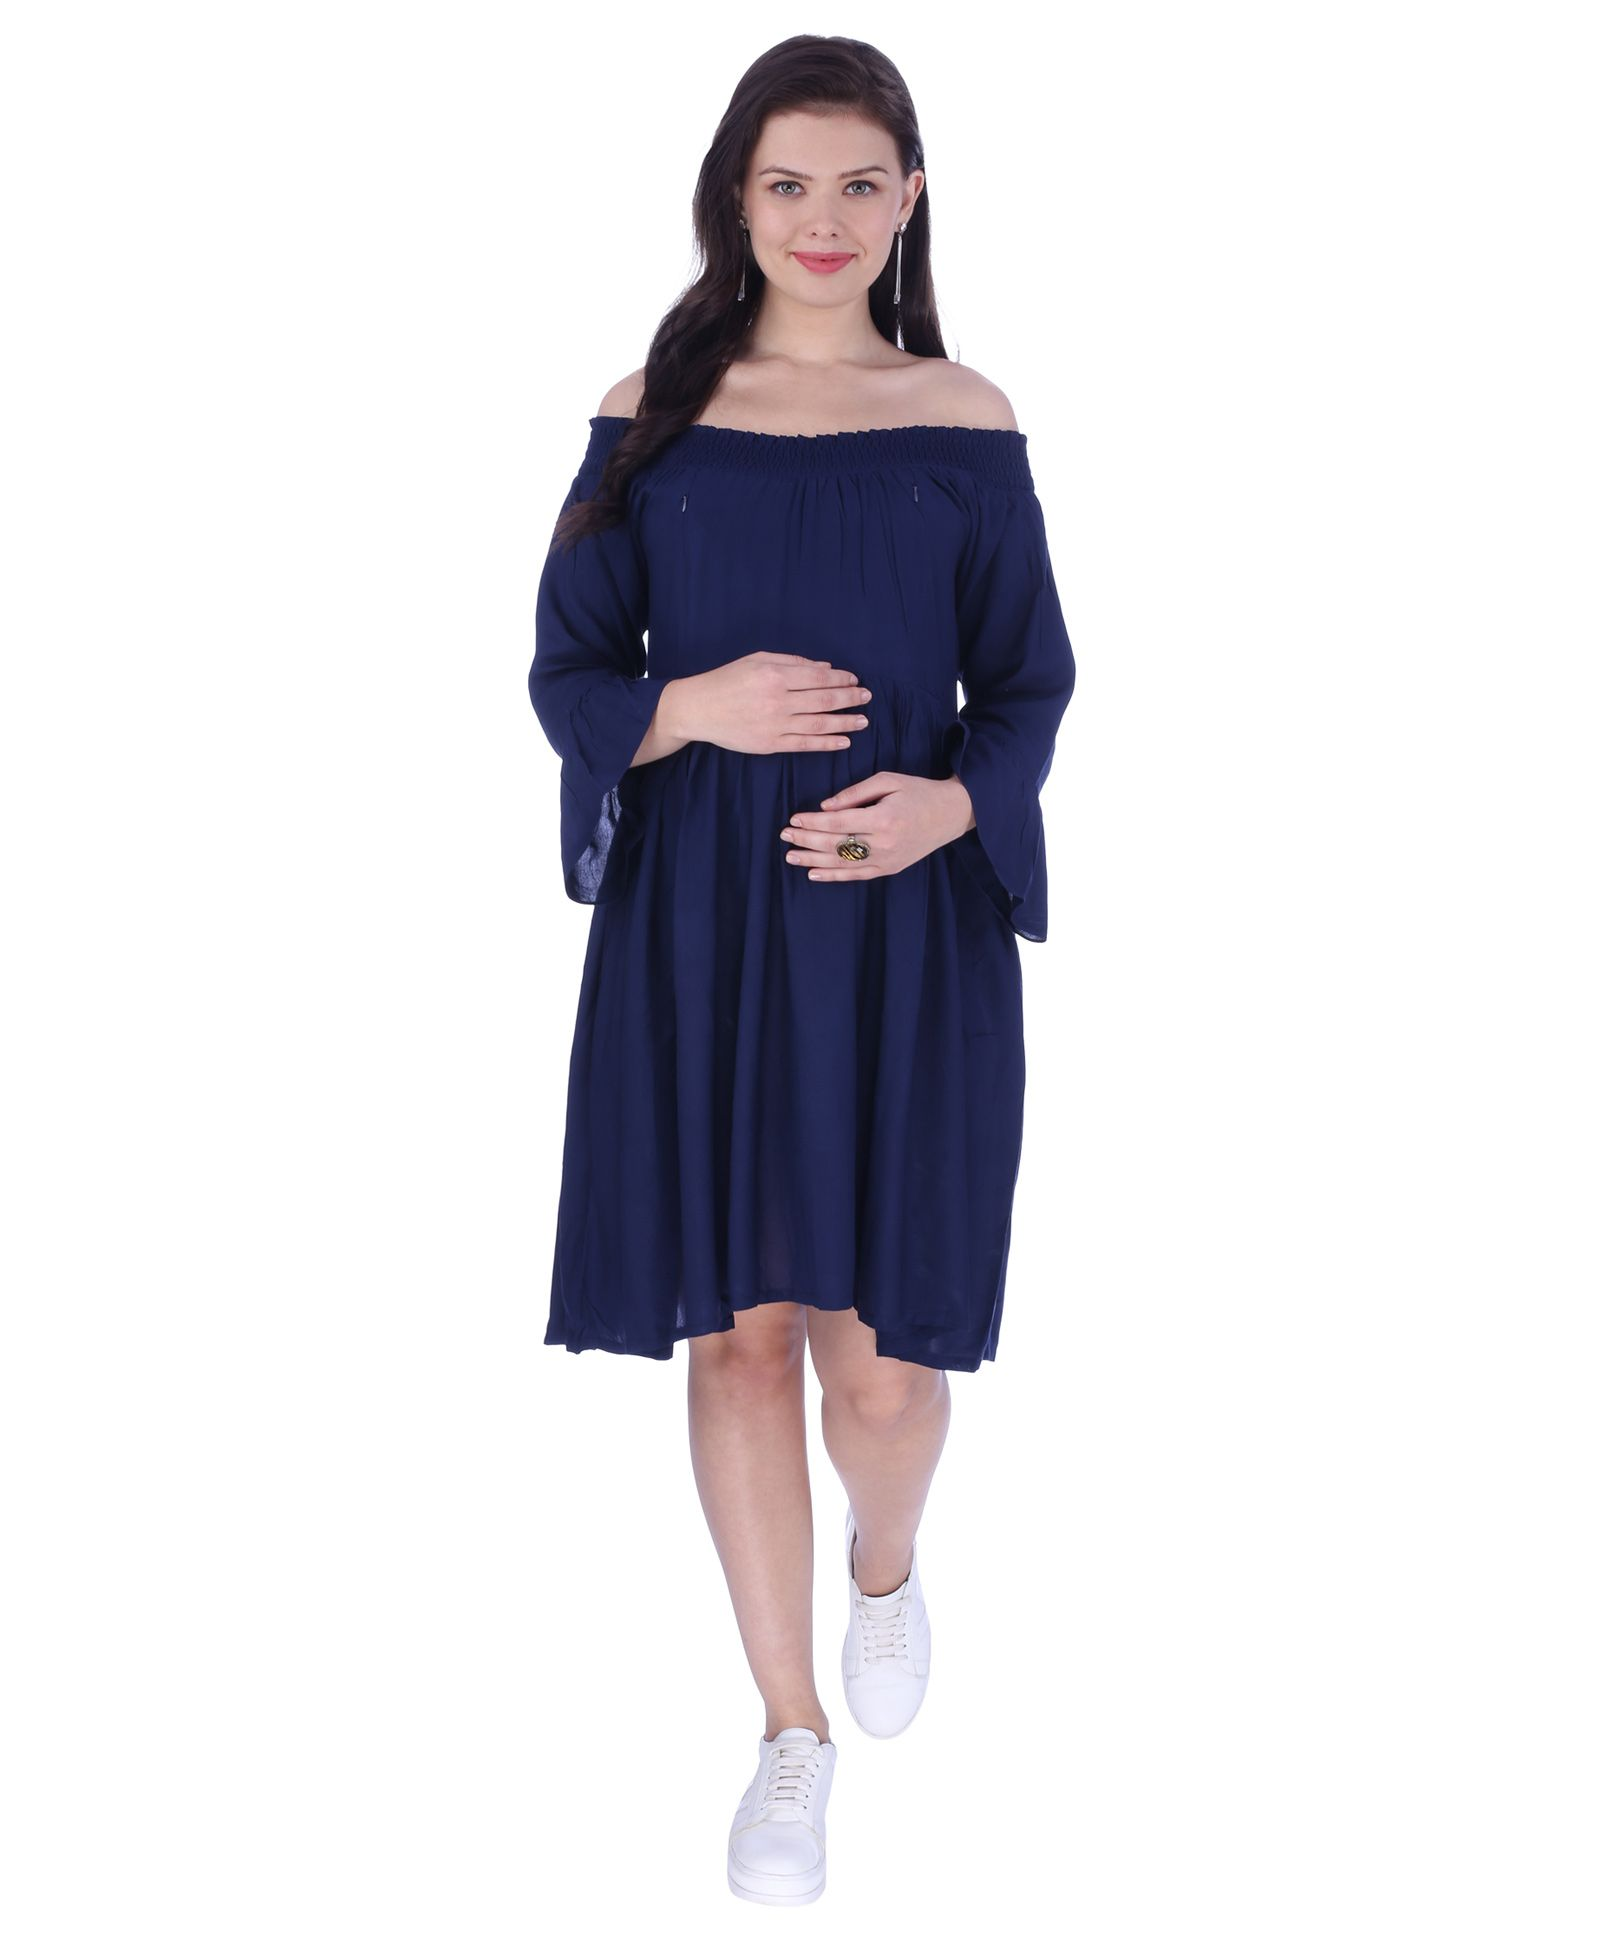 Off the Shoulder Maternity Dresses